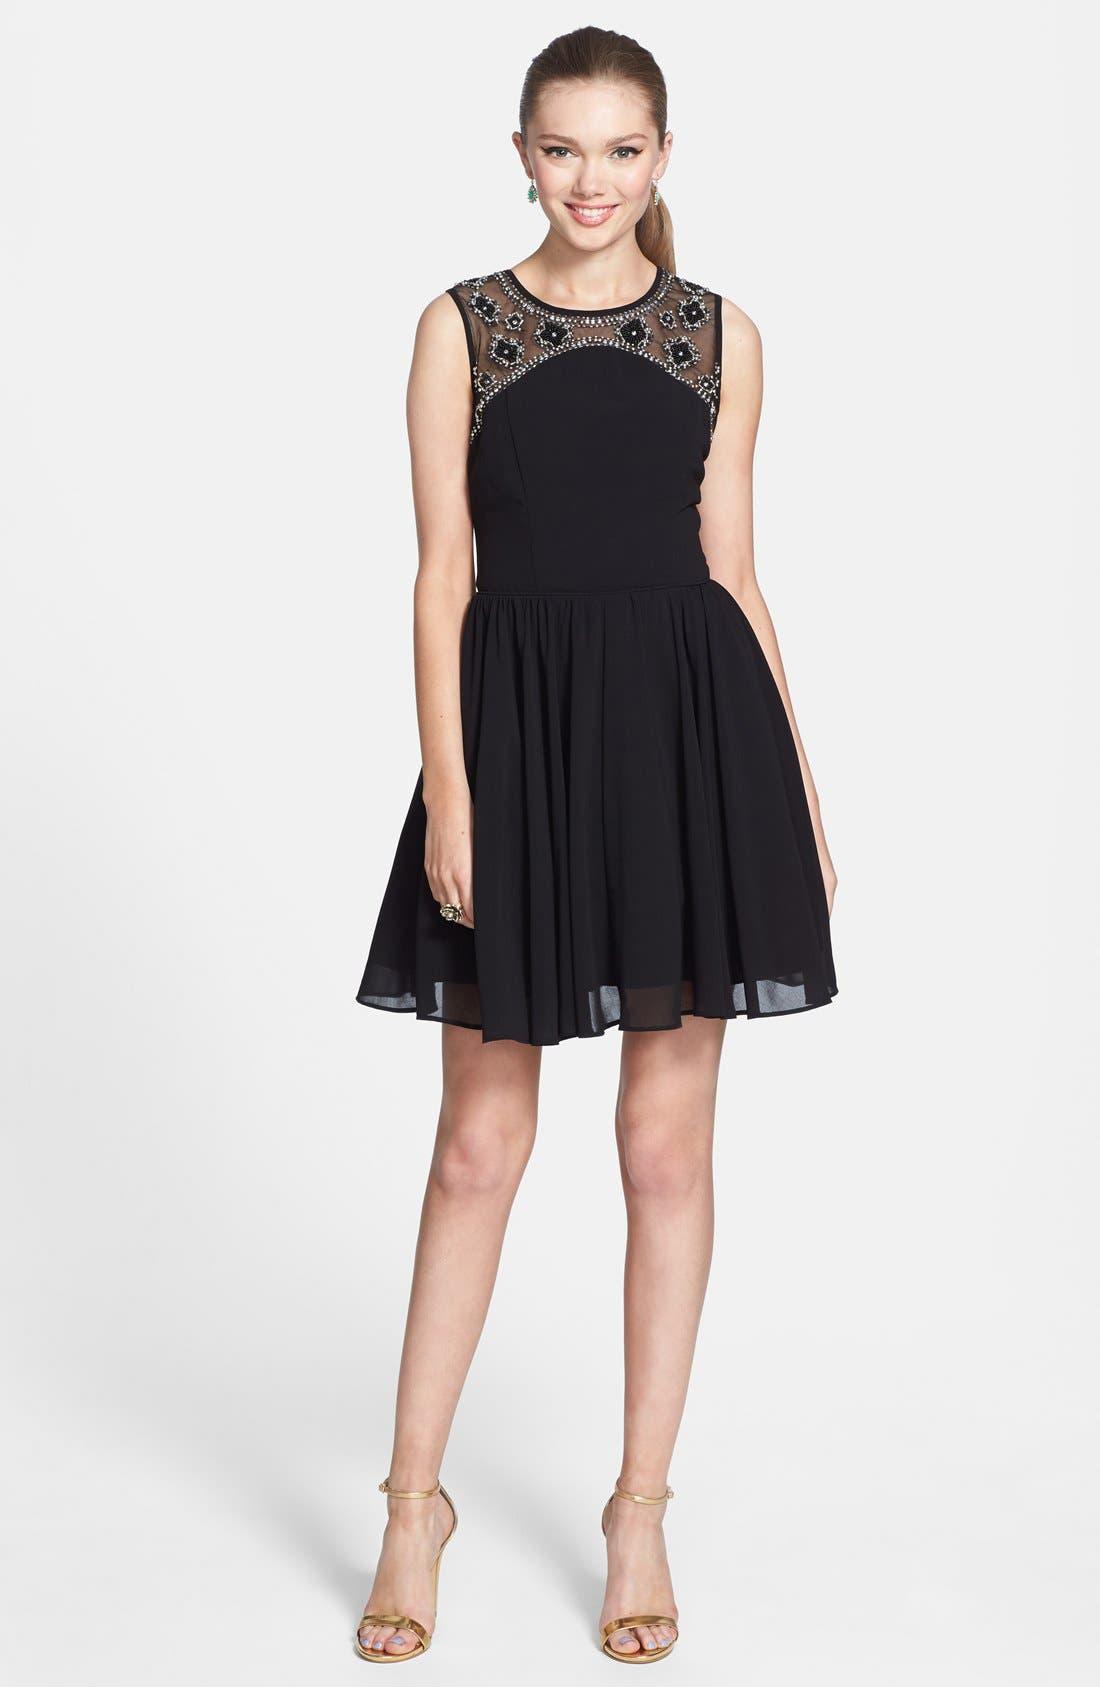 Alternate Image 1 Selected - Way-In Embellished Yoke V-Back Fit & Flare Dress (Online Only)